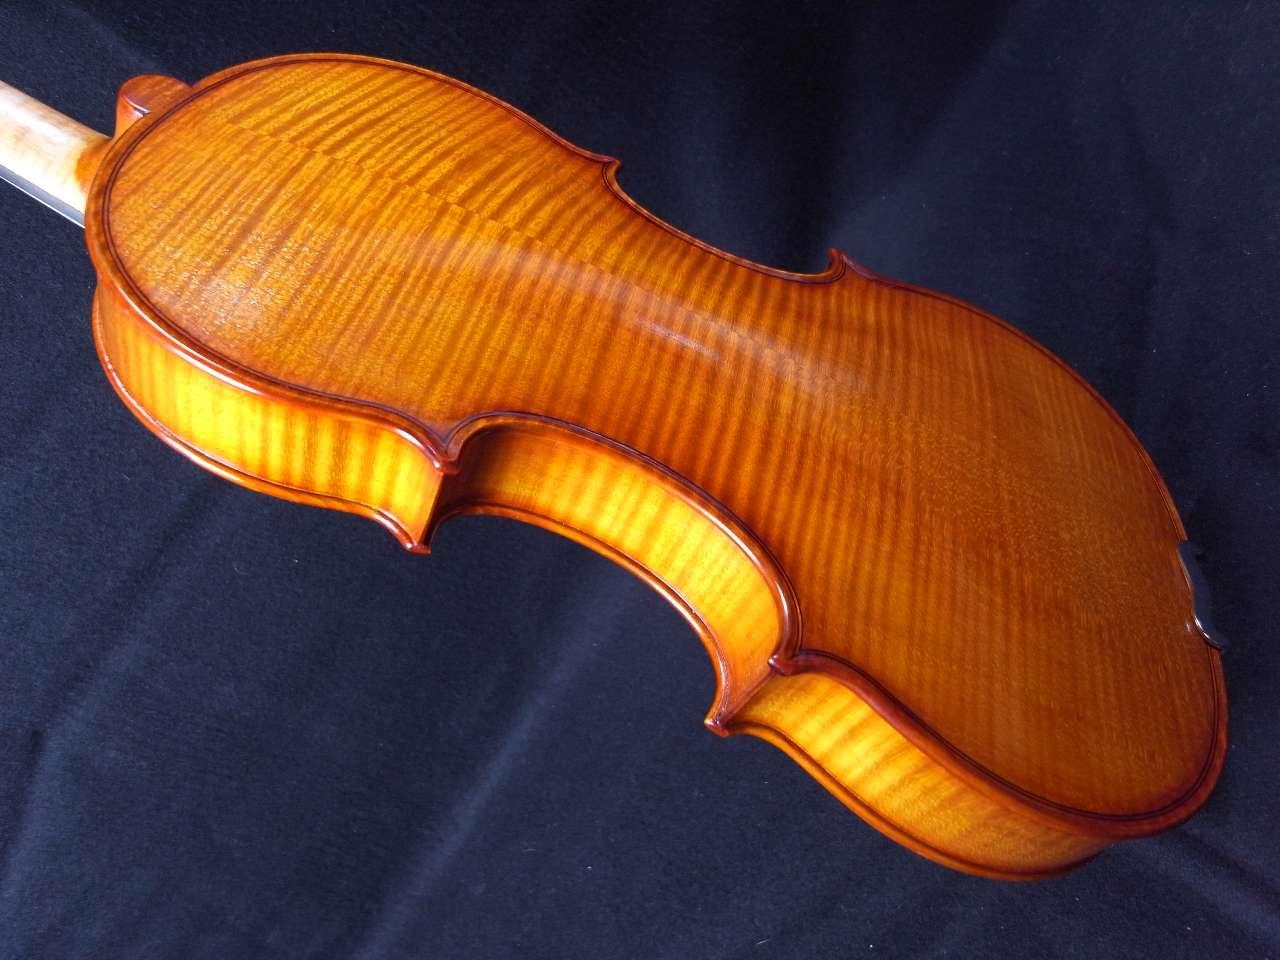 画像1: カローラヘンデル工房 ガルネリモデルバイオリン ドイツ製  Carola Hendel violin Gurneri Model #202